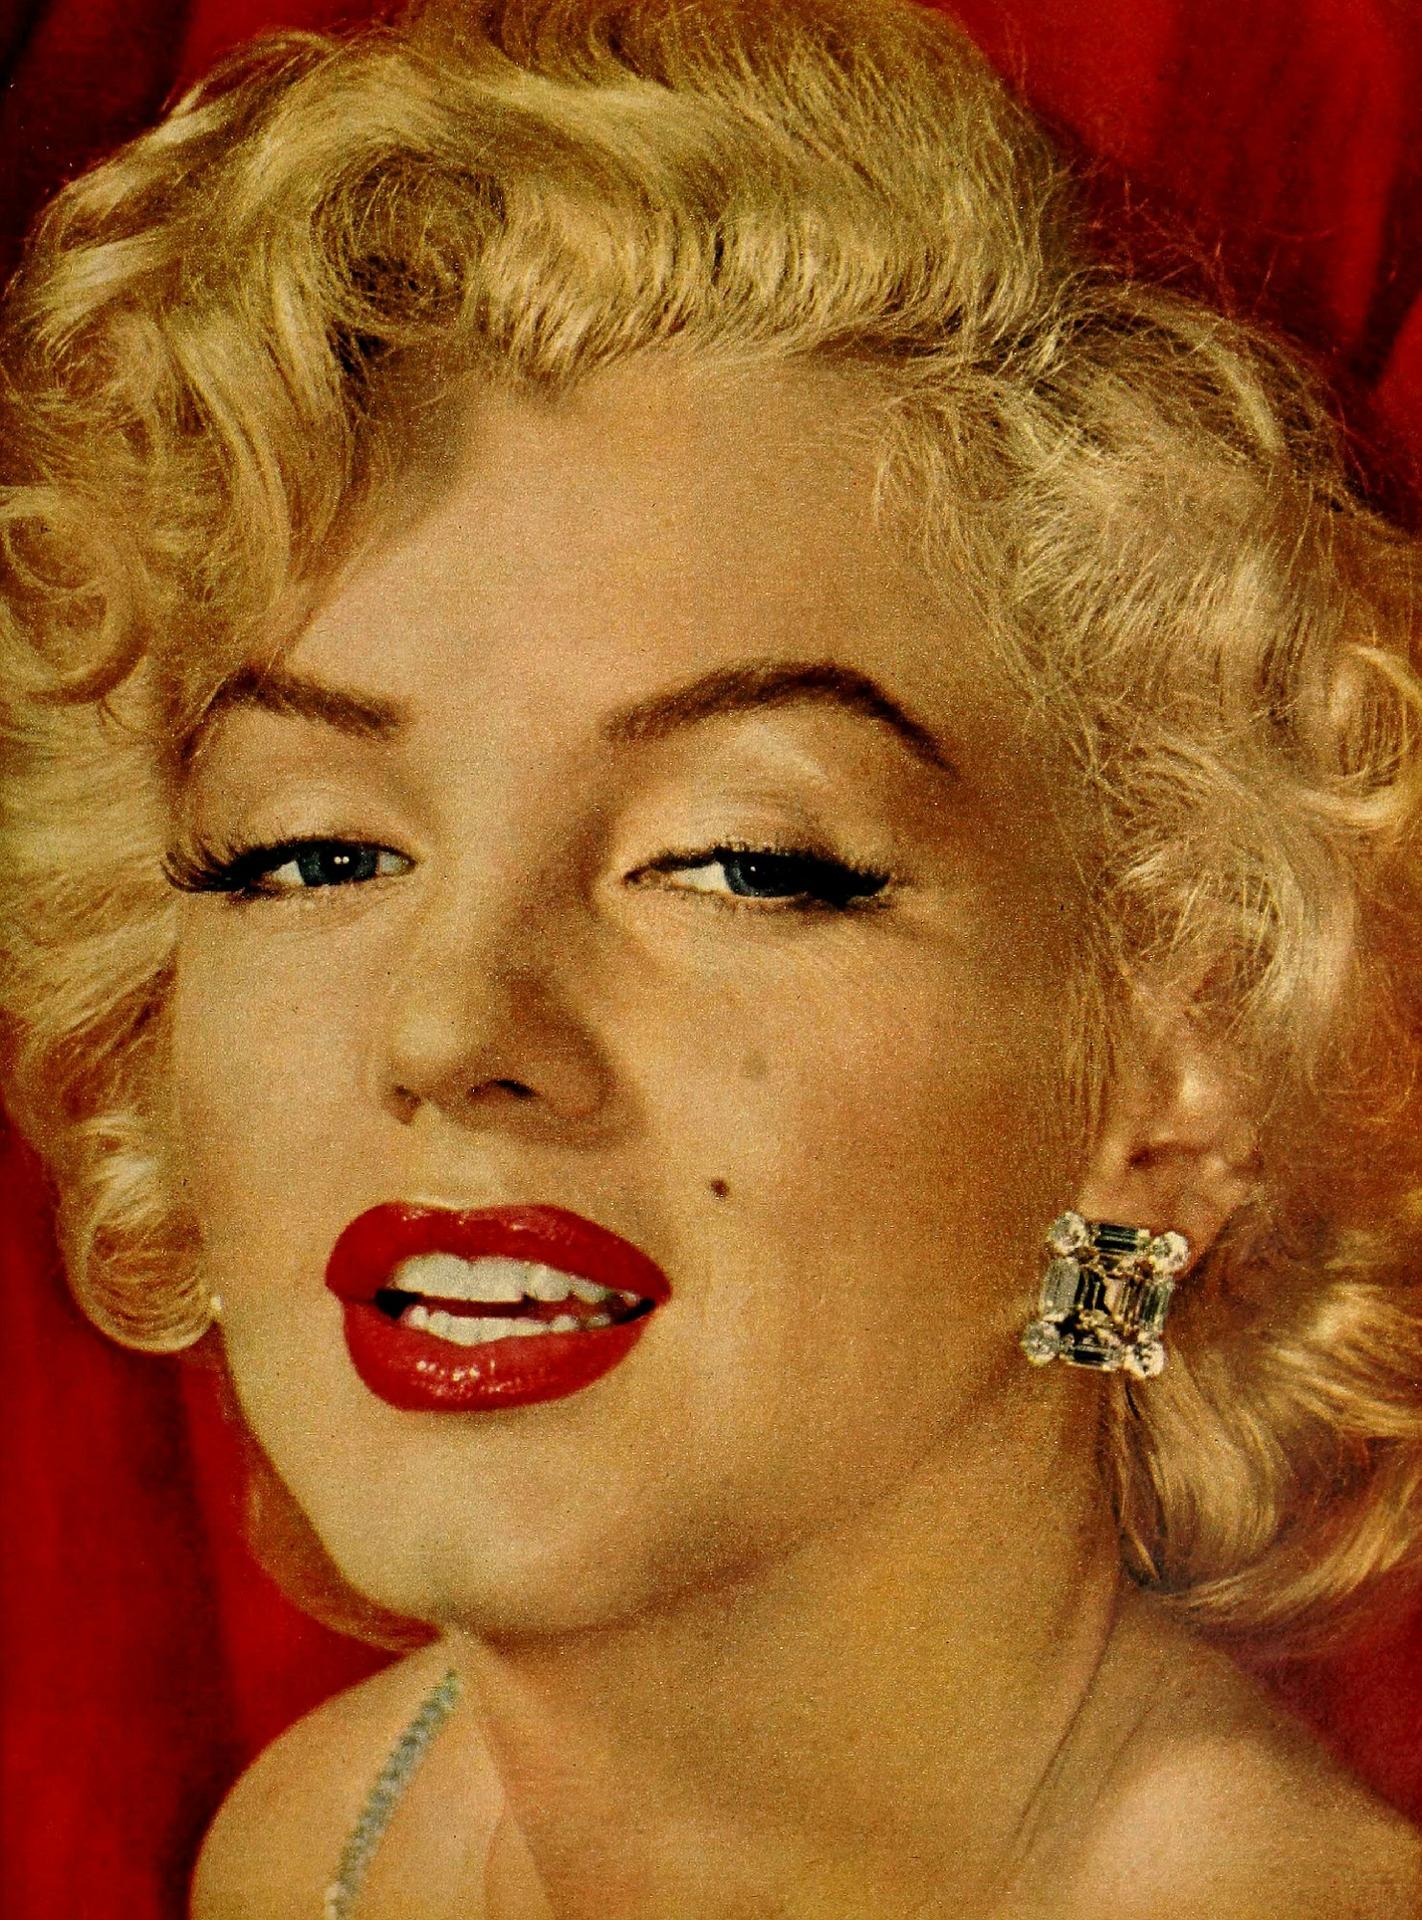 Occhiali stile Marilyn Monroe - 1